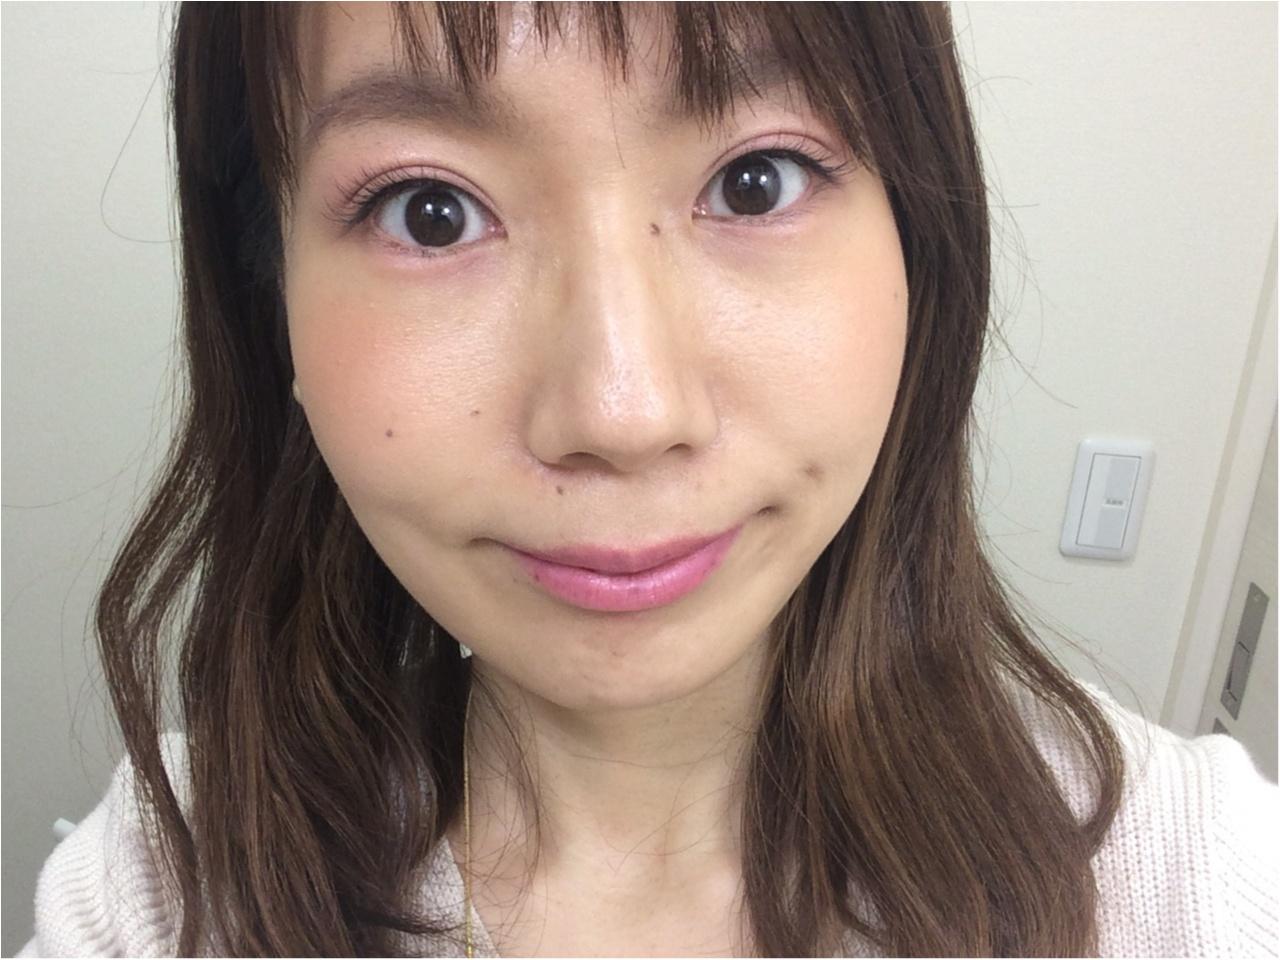 【RMK春夏】「ピンク×ベージュ」イベントのメイク体験レポ!around27に似合う、新生《大人ピンク》顔とは??_10